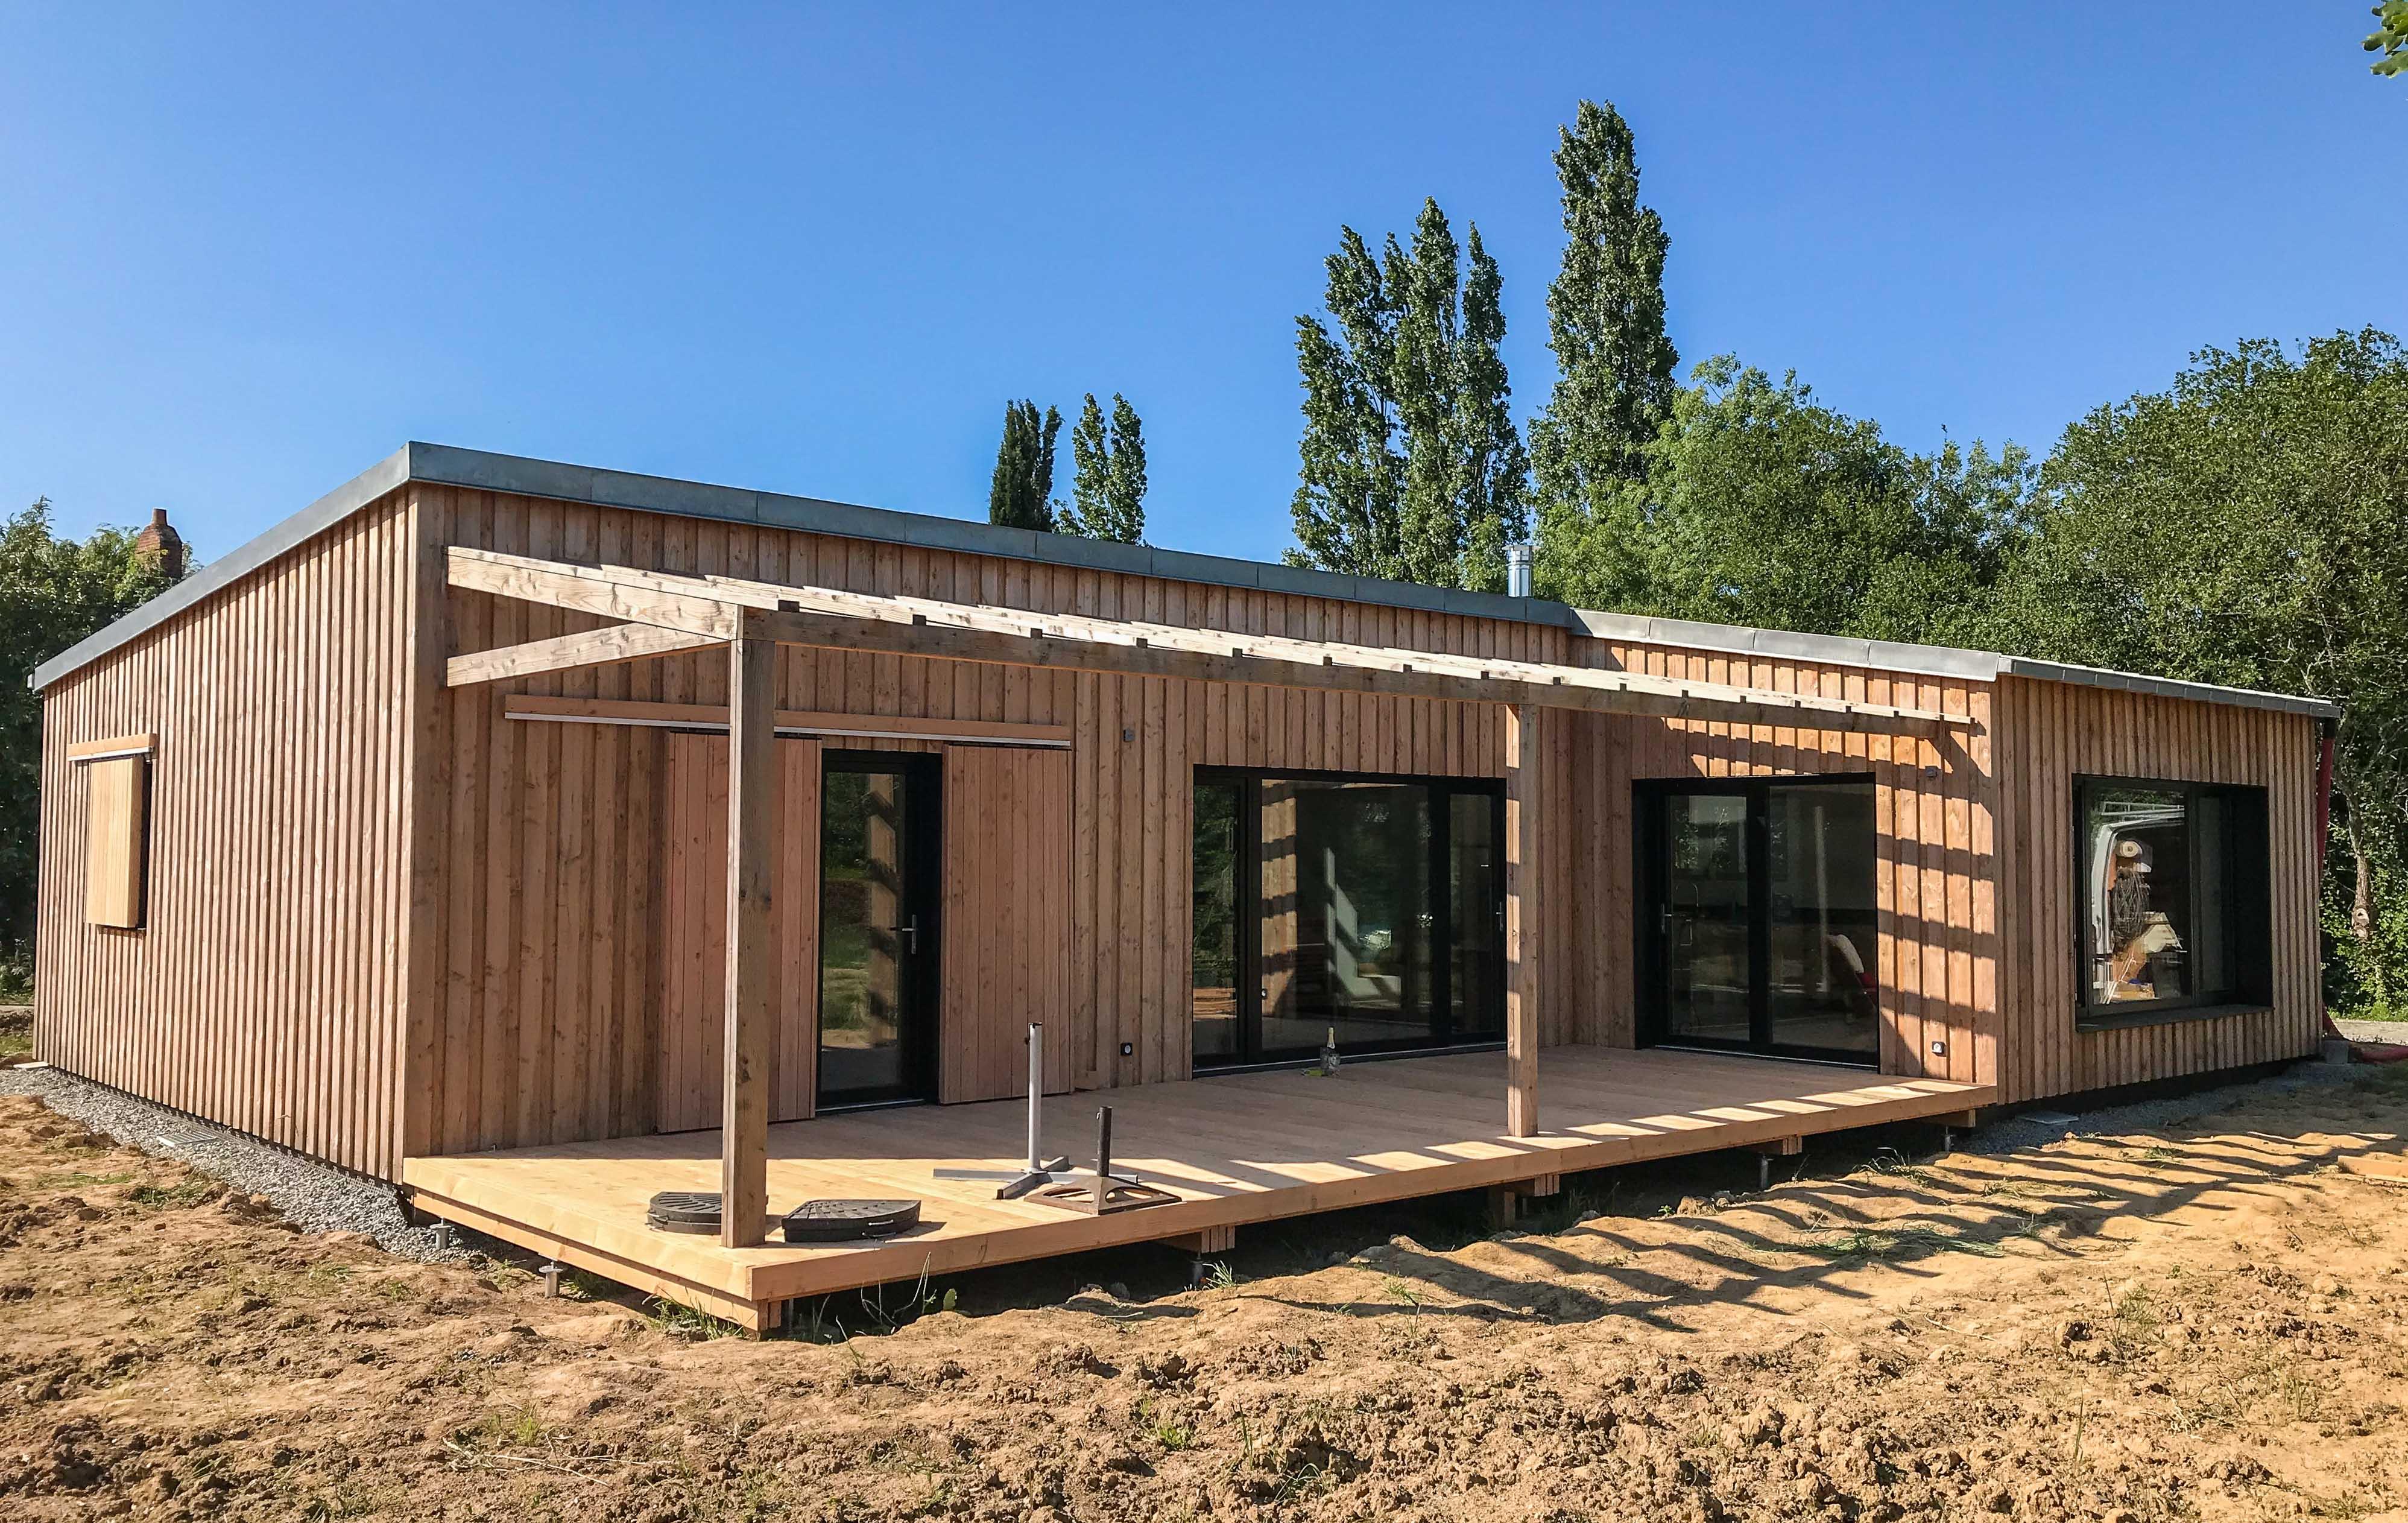 Maison passive à Nort-sur-Erdre